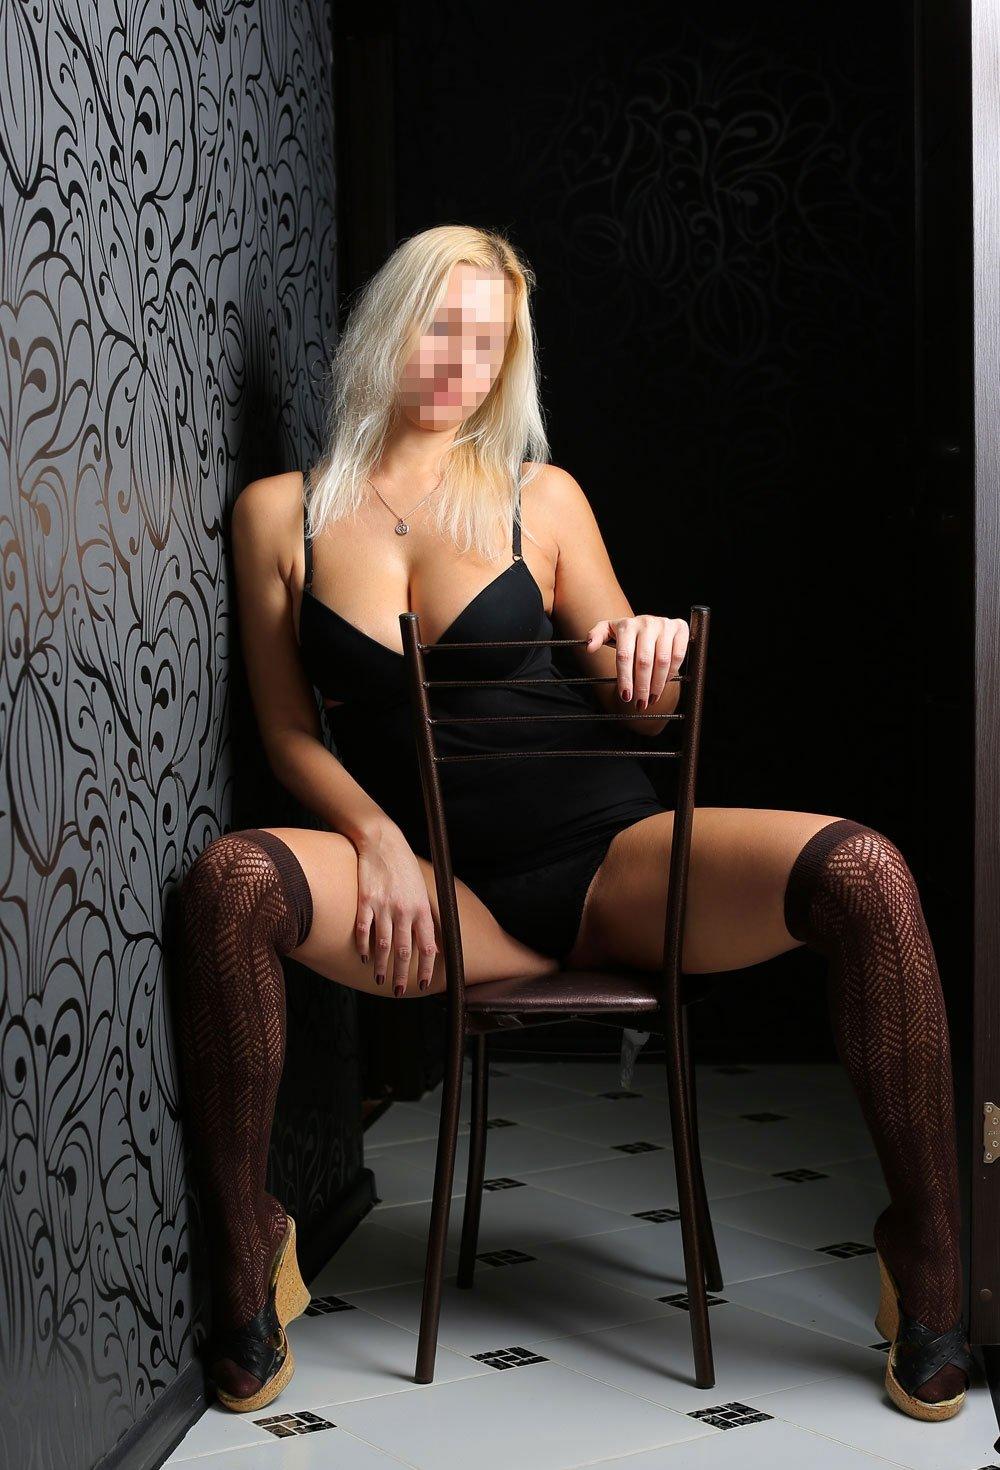 Лучшие проверенные анкеты проституток вип москвы #14